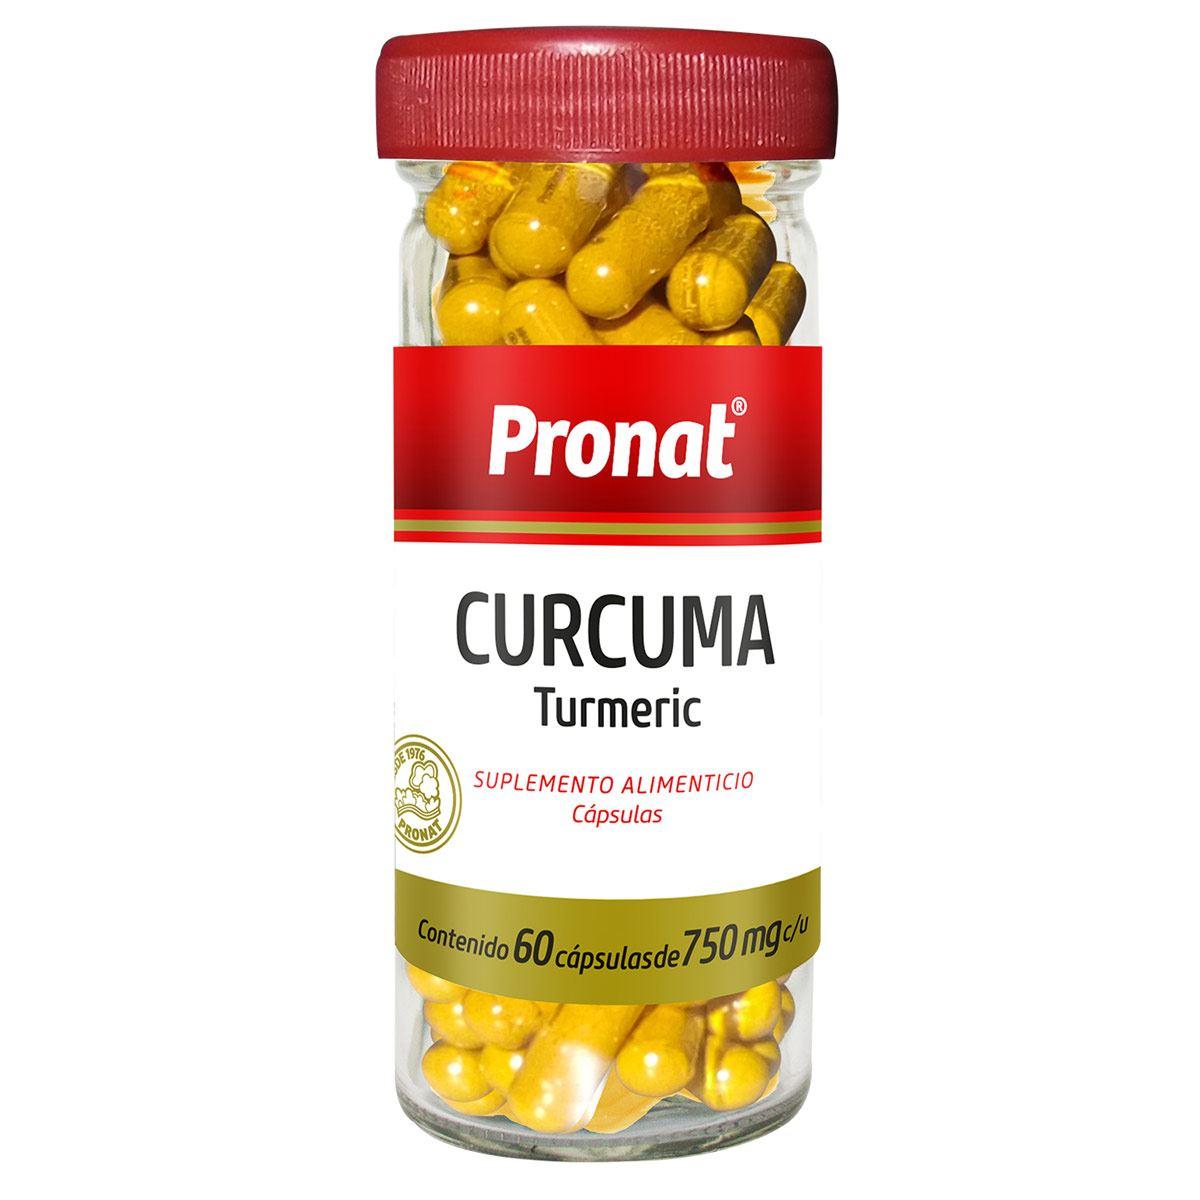 CURCUMA TURMERIC 60 CAPS